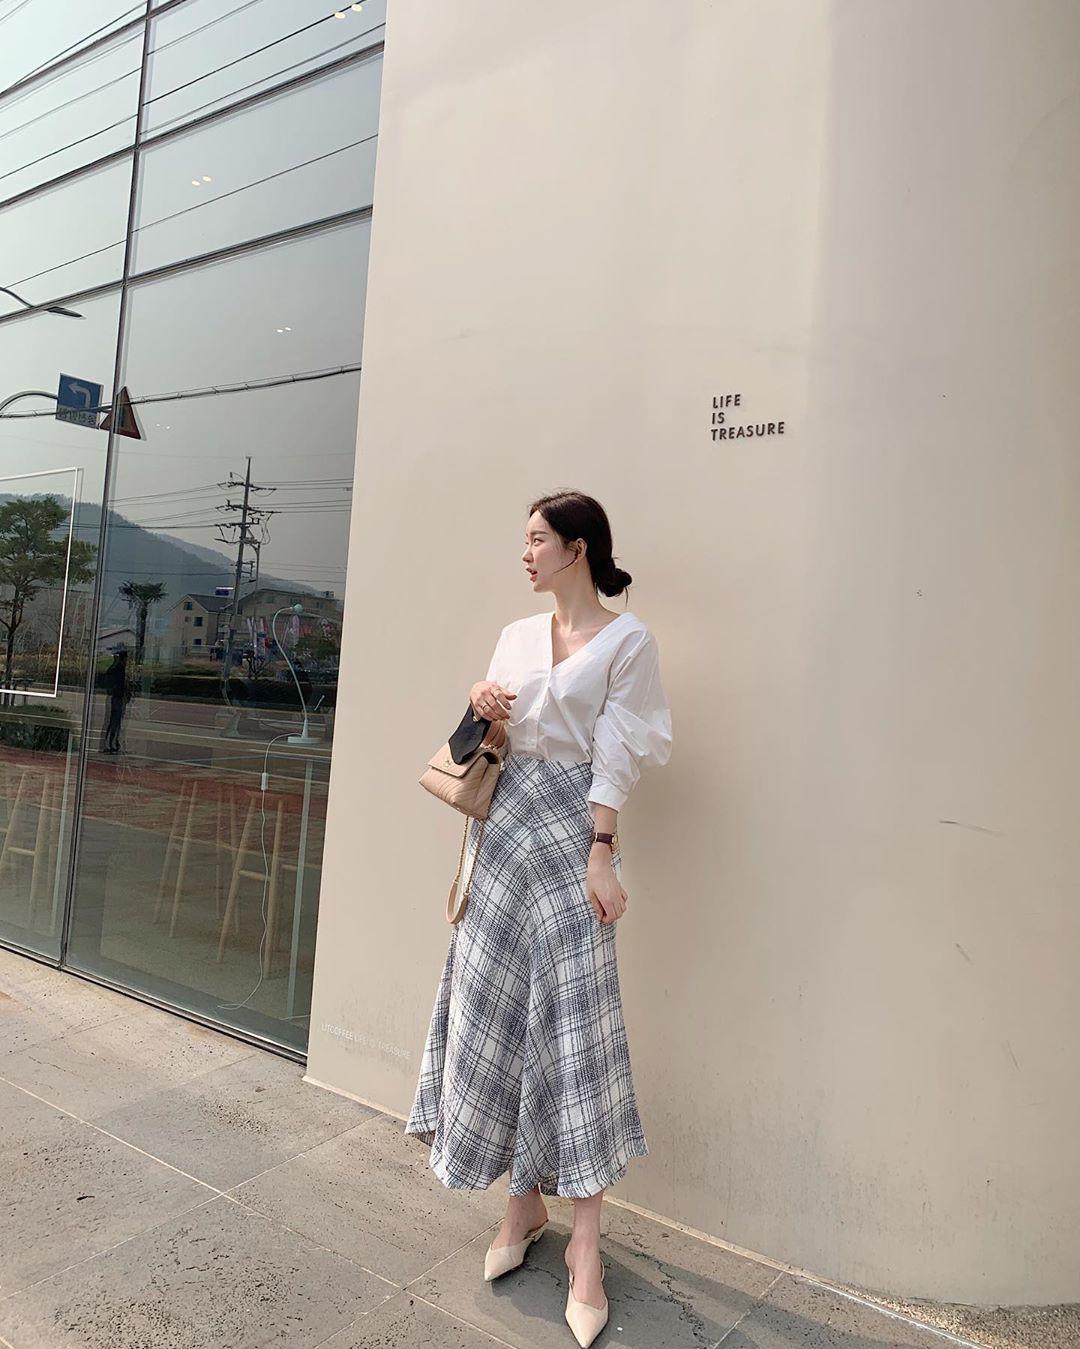 10 cách diện chân váy dài + áo trắng giúp nàng công sở luôn đẹp quanh năm suốt tháng trong mắt đồng nghiệp - Ảnh 4.